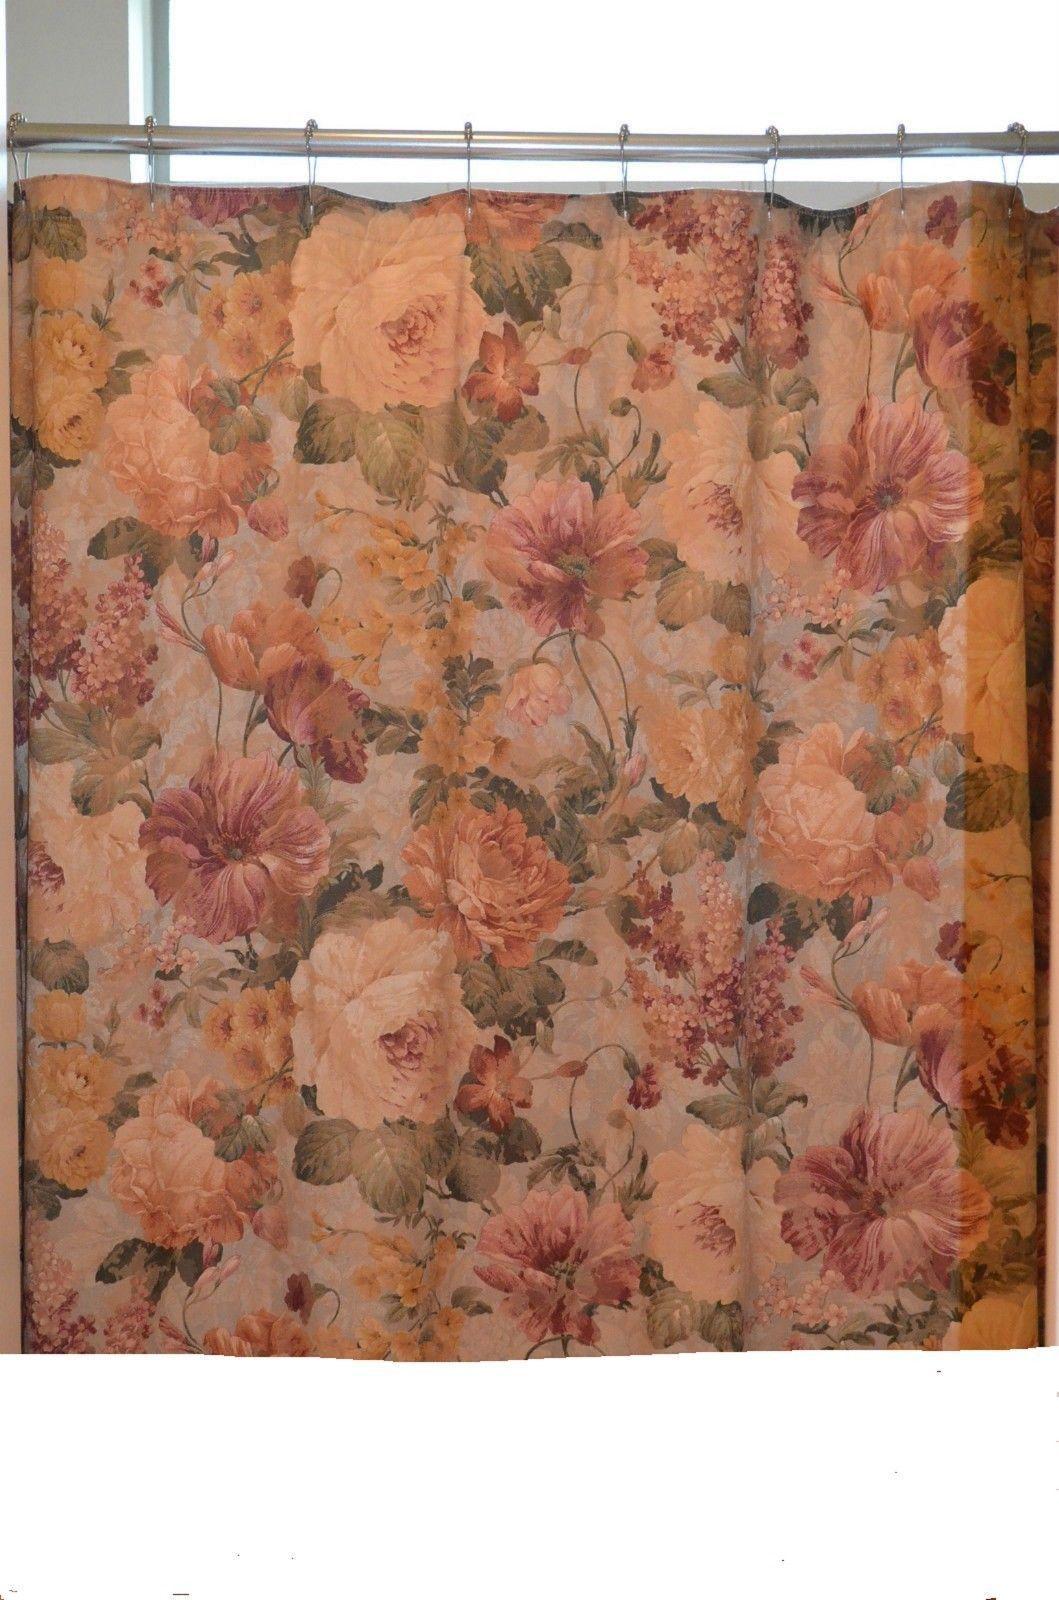 burlington monaco shower curtain floral